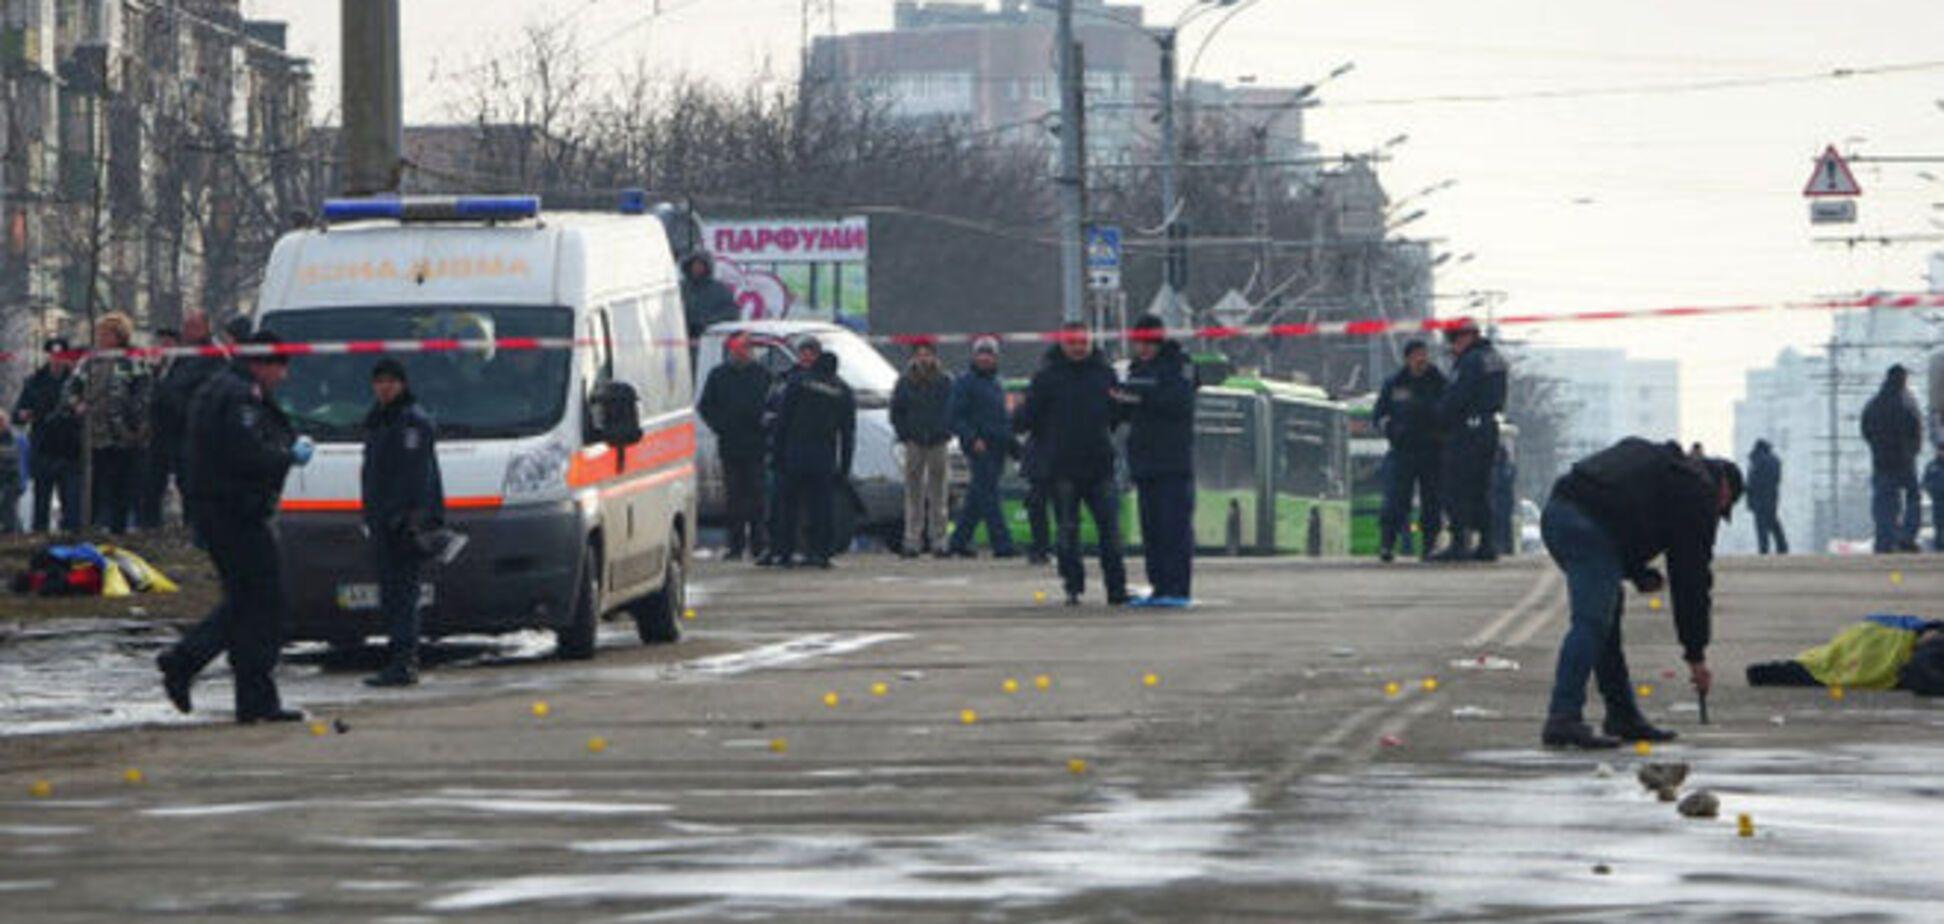 Теракт в Харькове: Наливайченко и Шокин обнародуют детали задержания организаторов